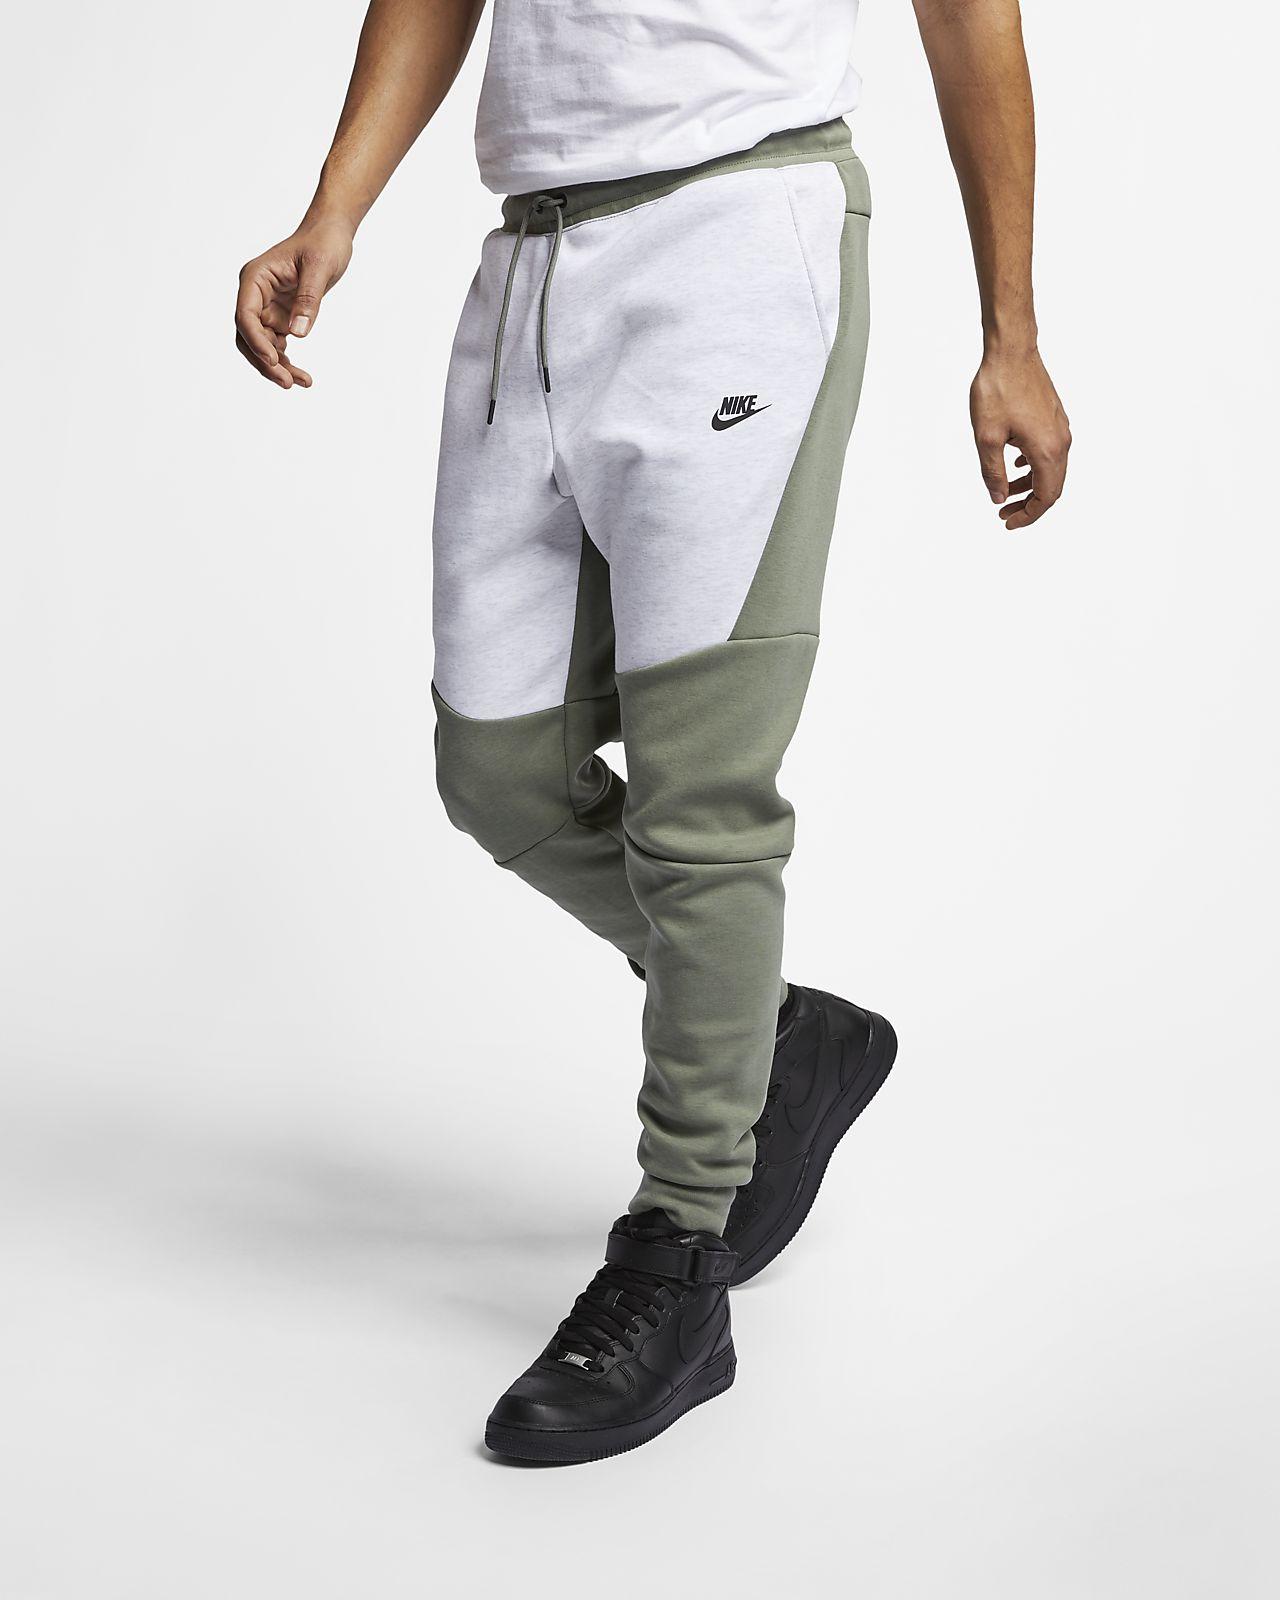 76b9f92438c4 Nike Sportswear Tech Fleece Men s Joggers. Nike.com MA